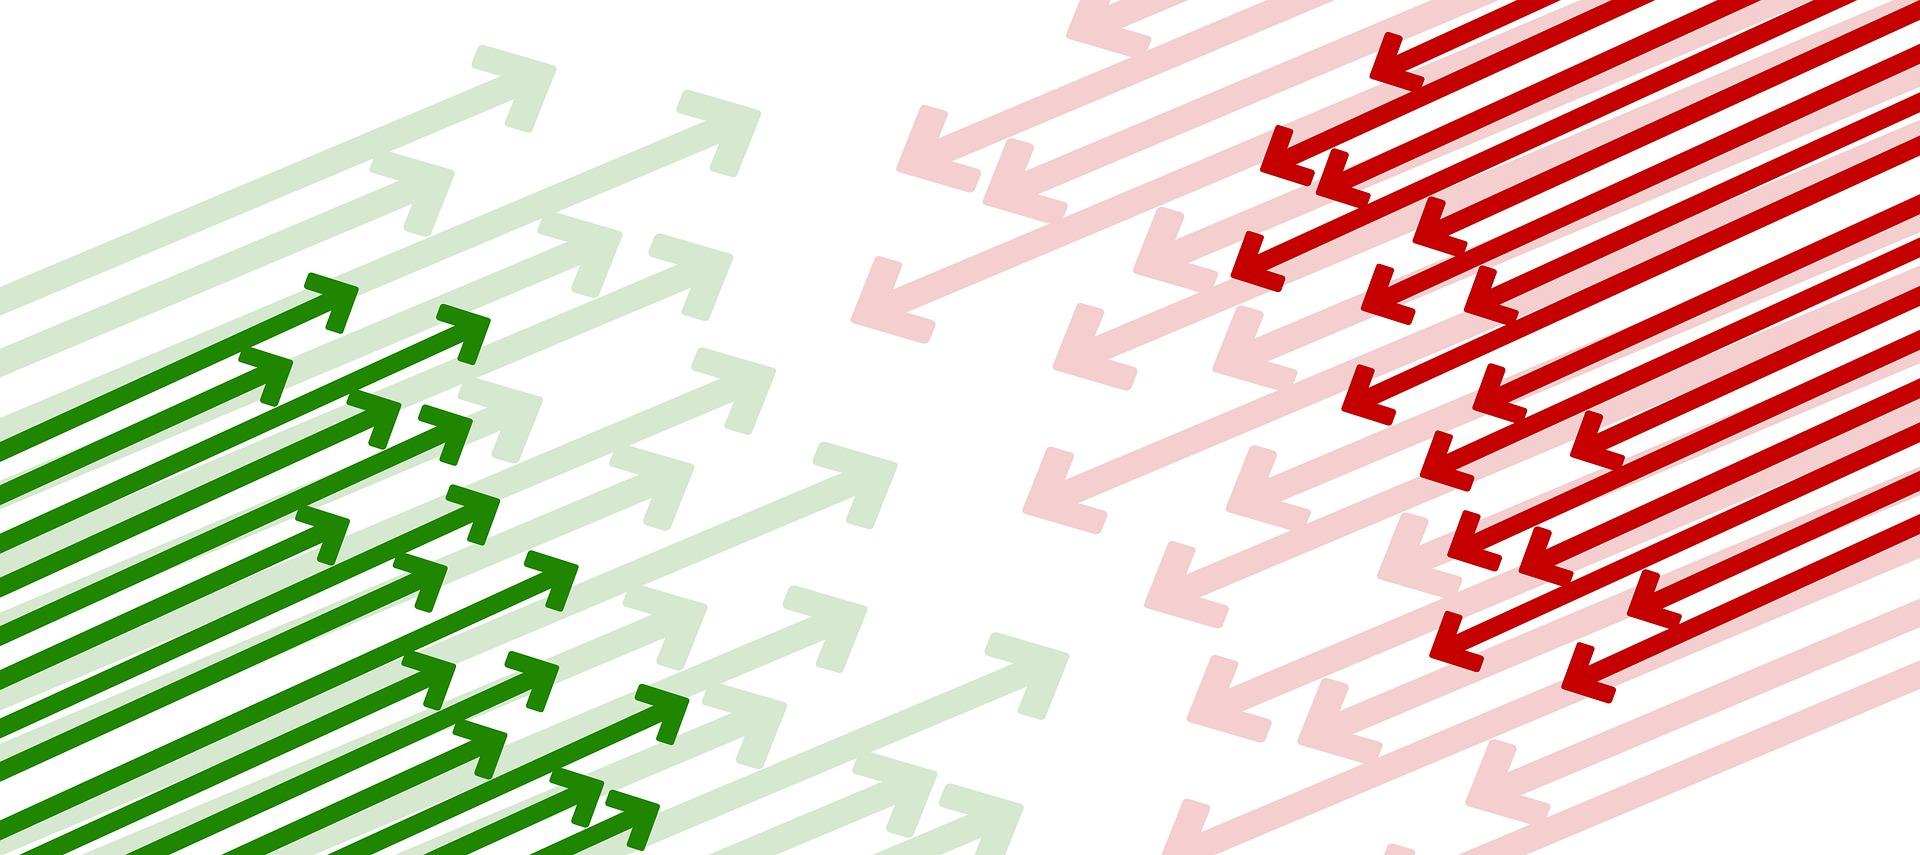 arrows-1668909_1920